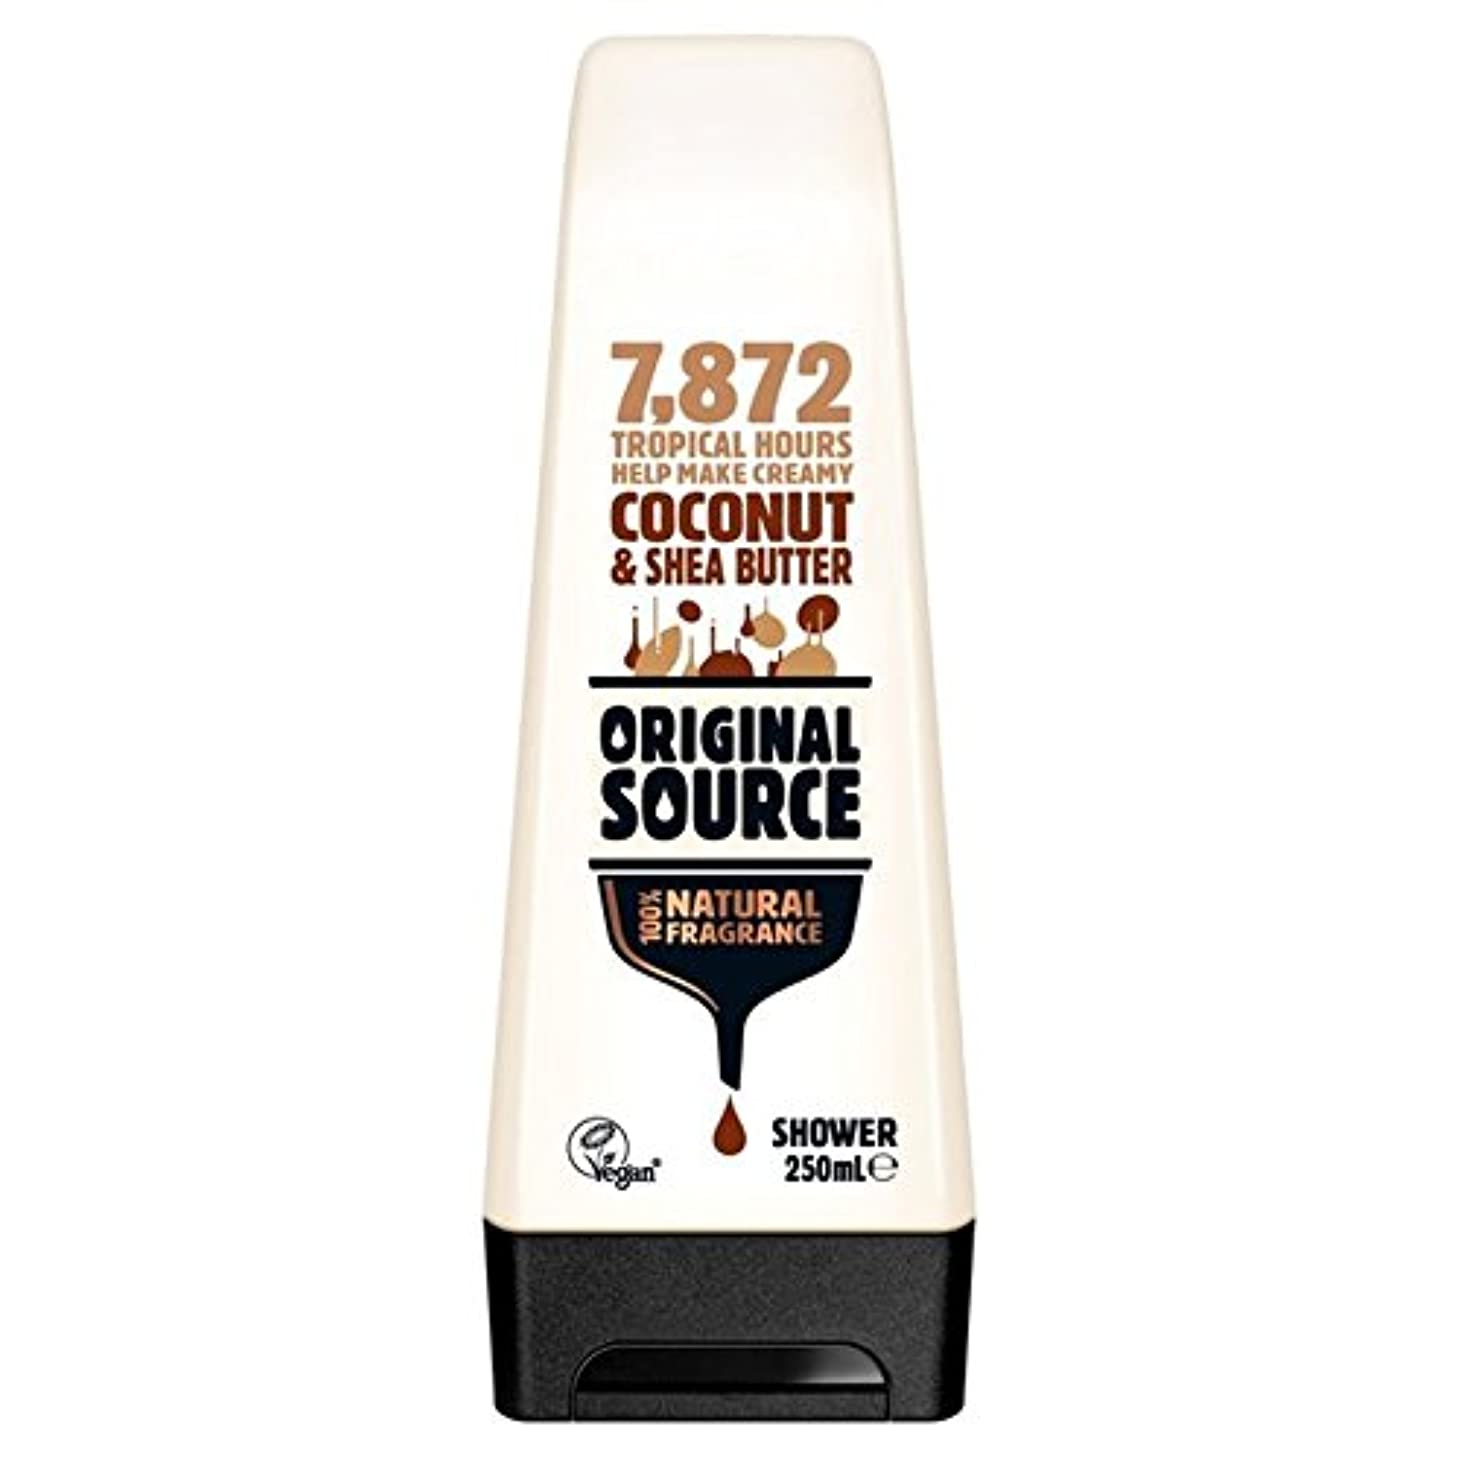 印をつける後者町Original Source Moisturising Coconut & Shea Butter Shower Gel 250ml - 元のソース保湿ココナッツ&シアバターシャワージェル250ミリリットル [並行輸入品]